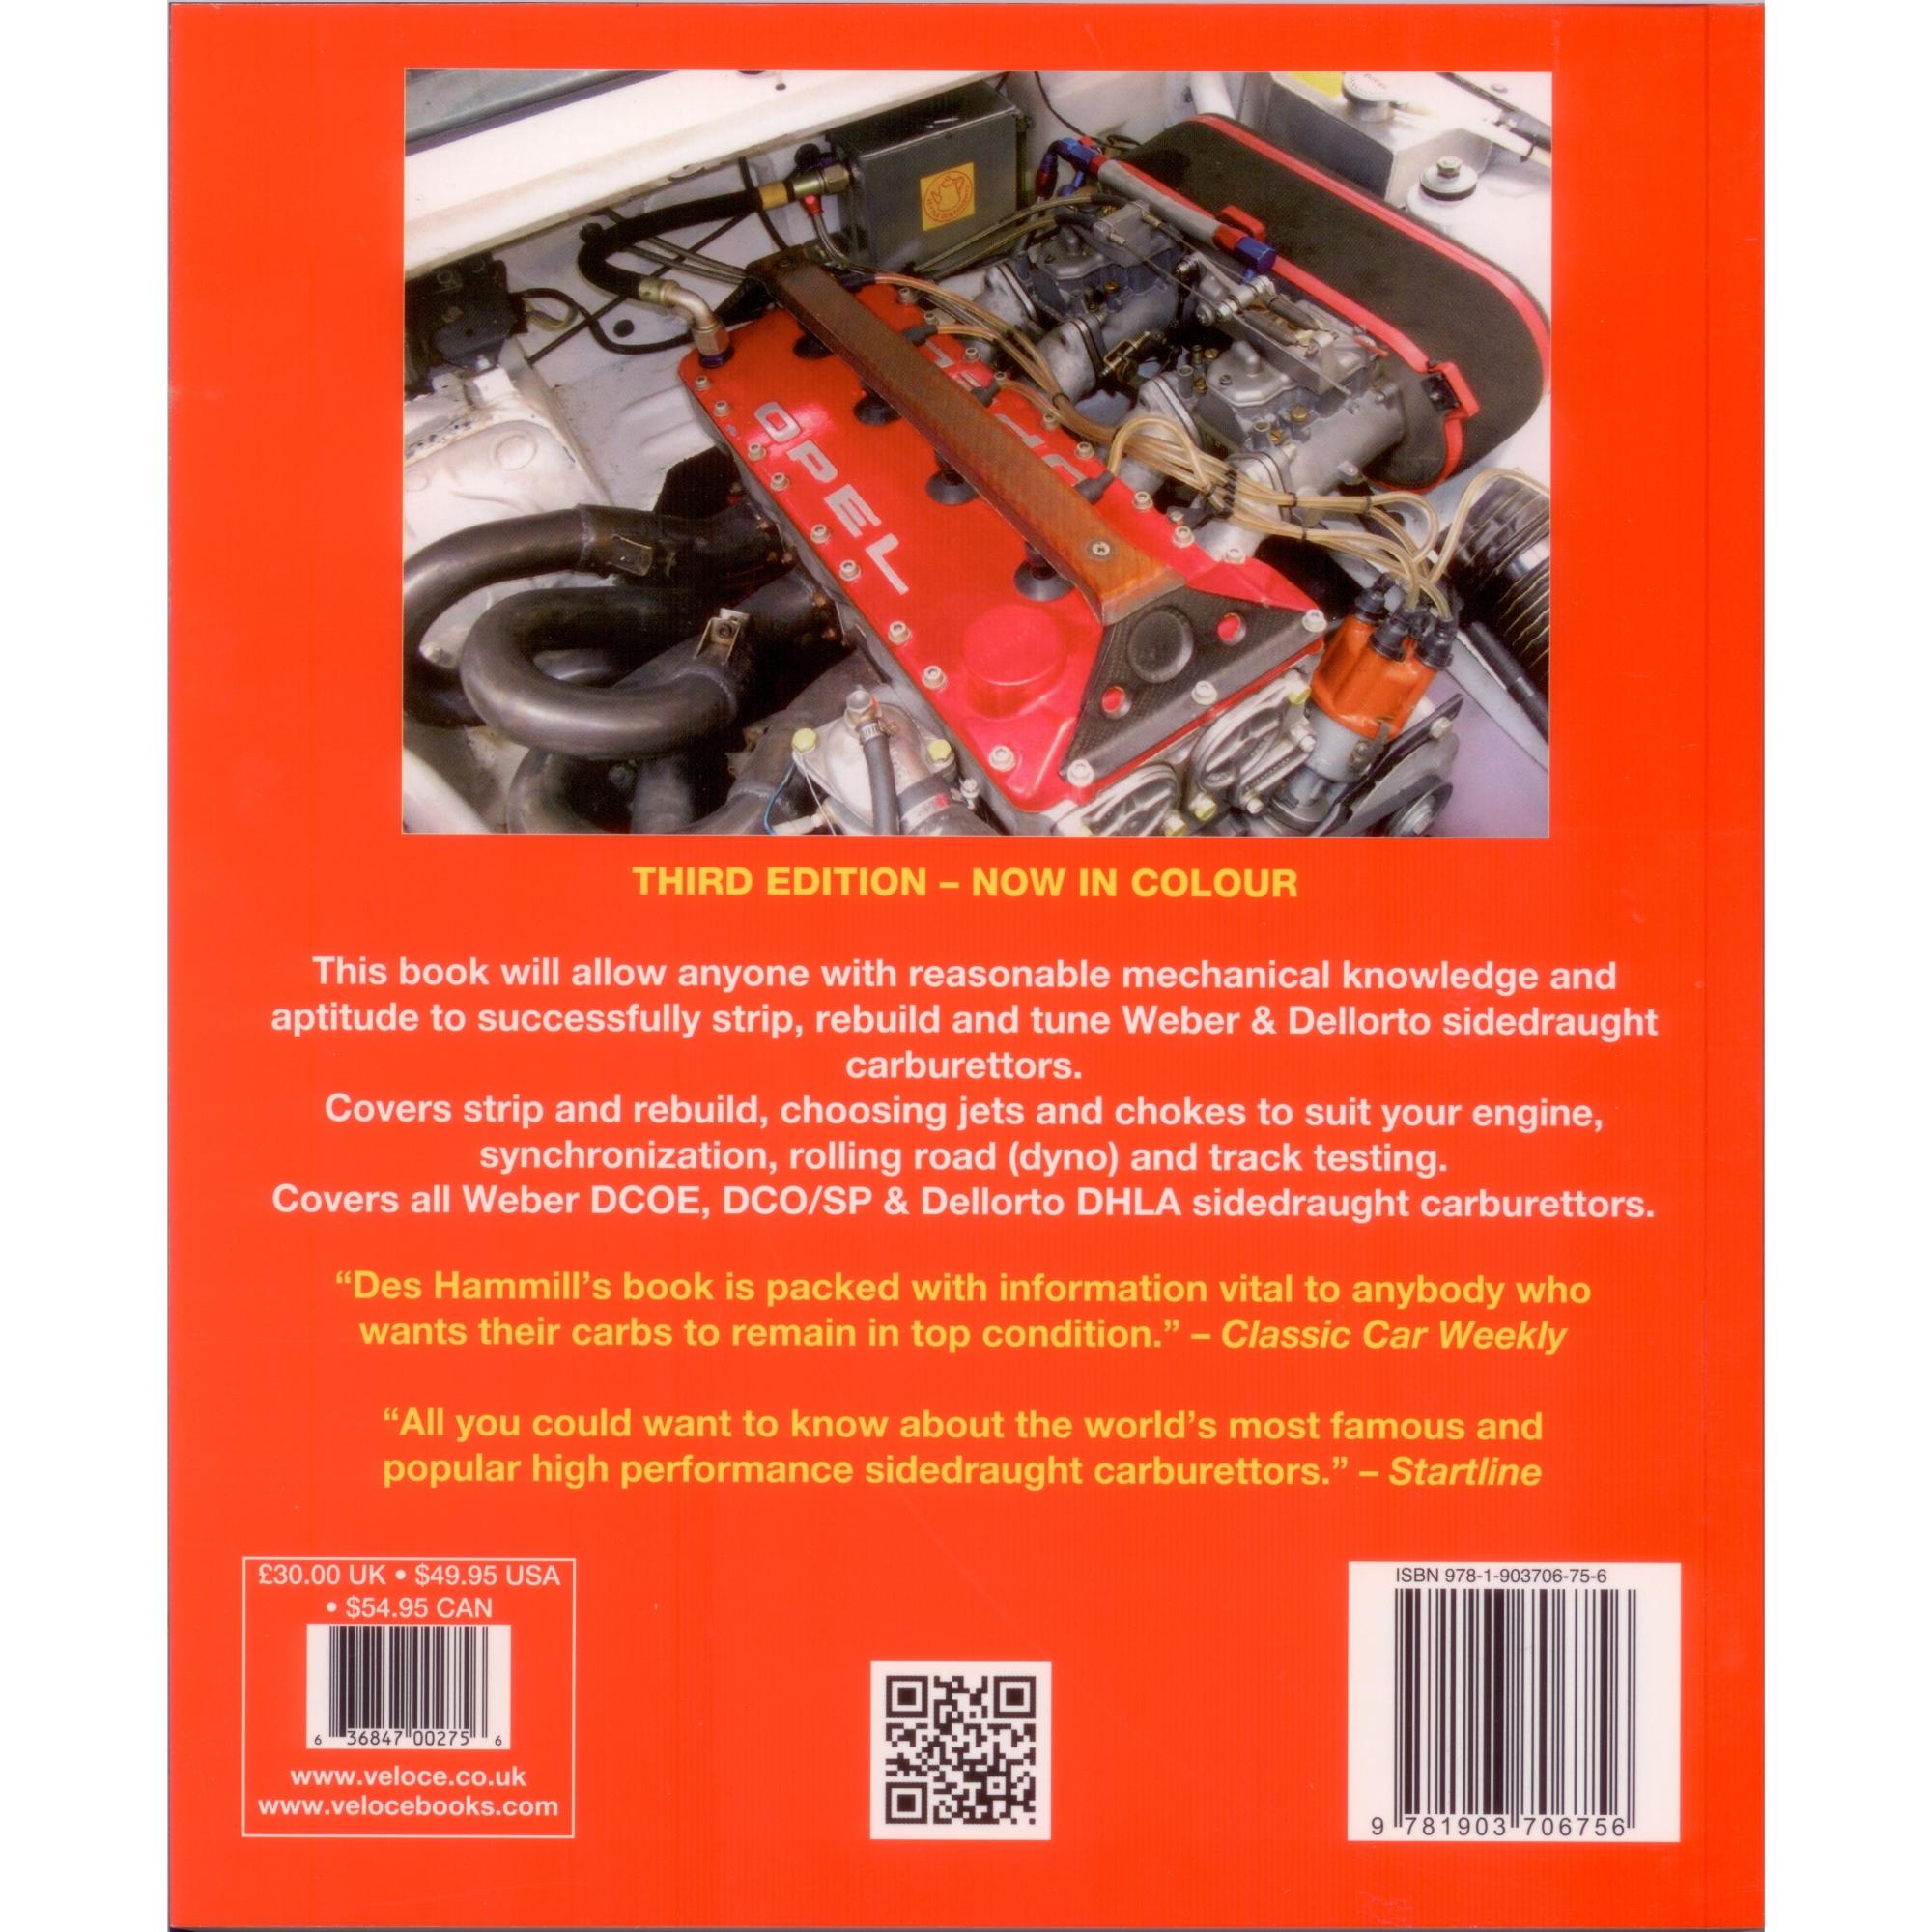 dellorto weber power tuning guide eurocarb rh dellorto co uk Renault Clio Sport Vauxhall Astra